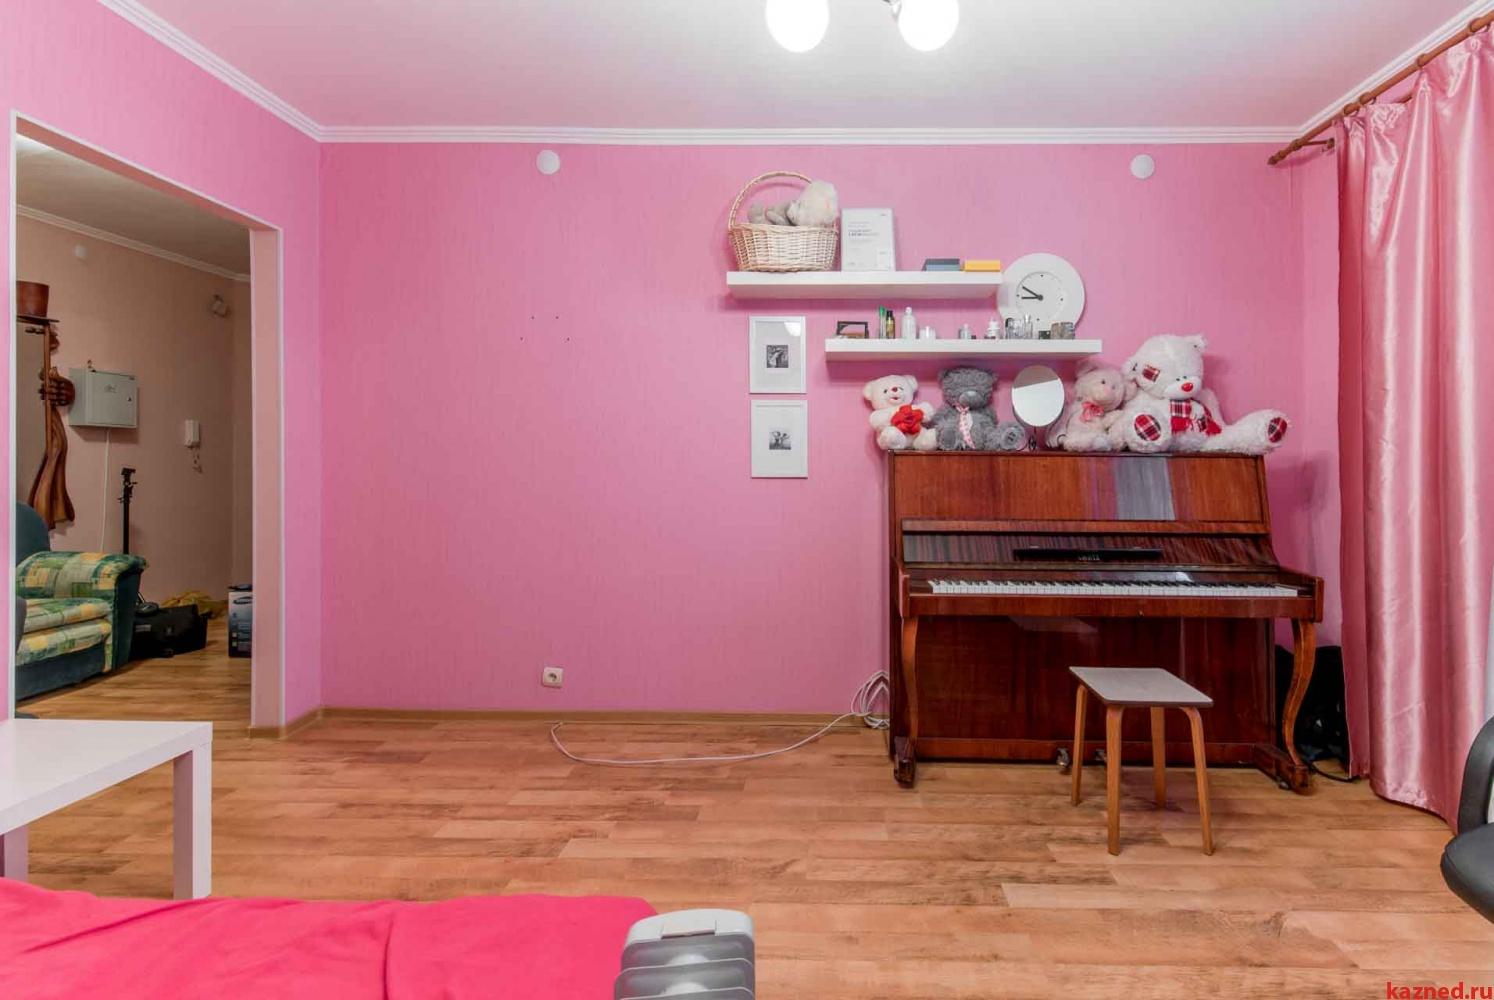 Продажа 1-к квартиры ул.Волочаевская д.6, 38 м²  (миниатюра №3)